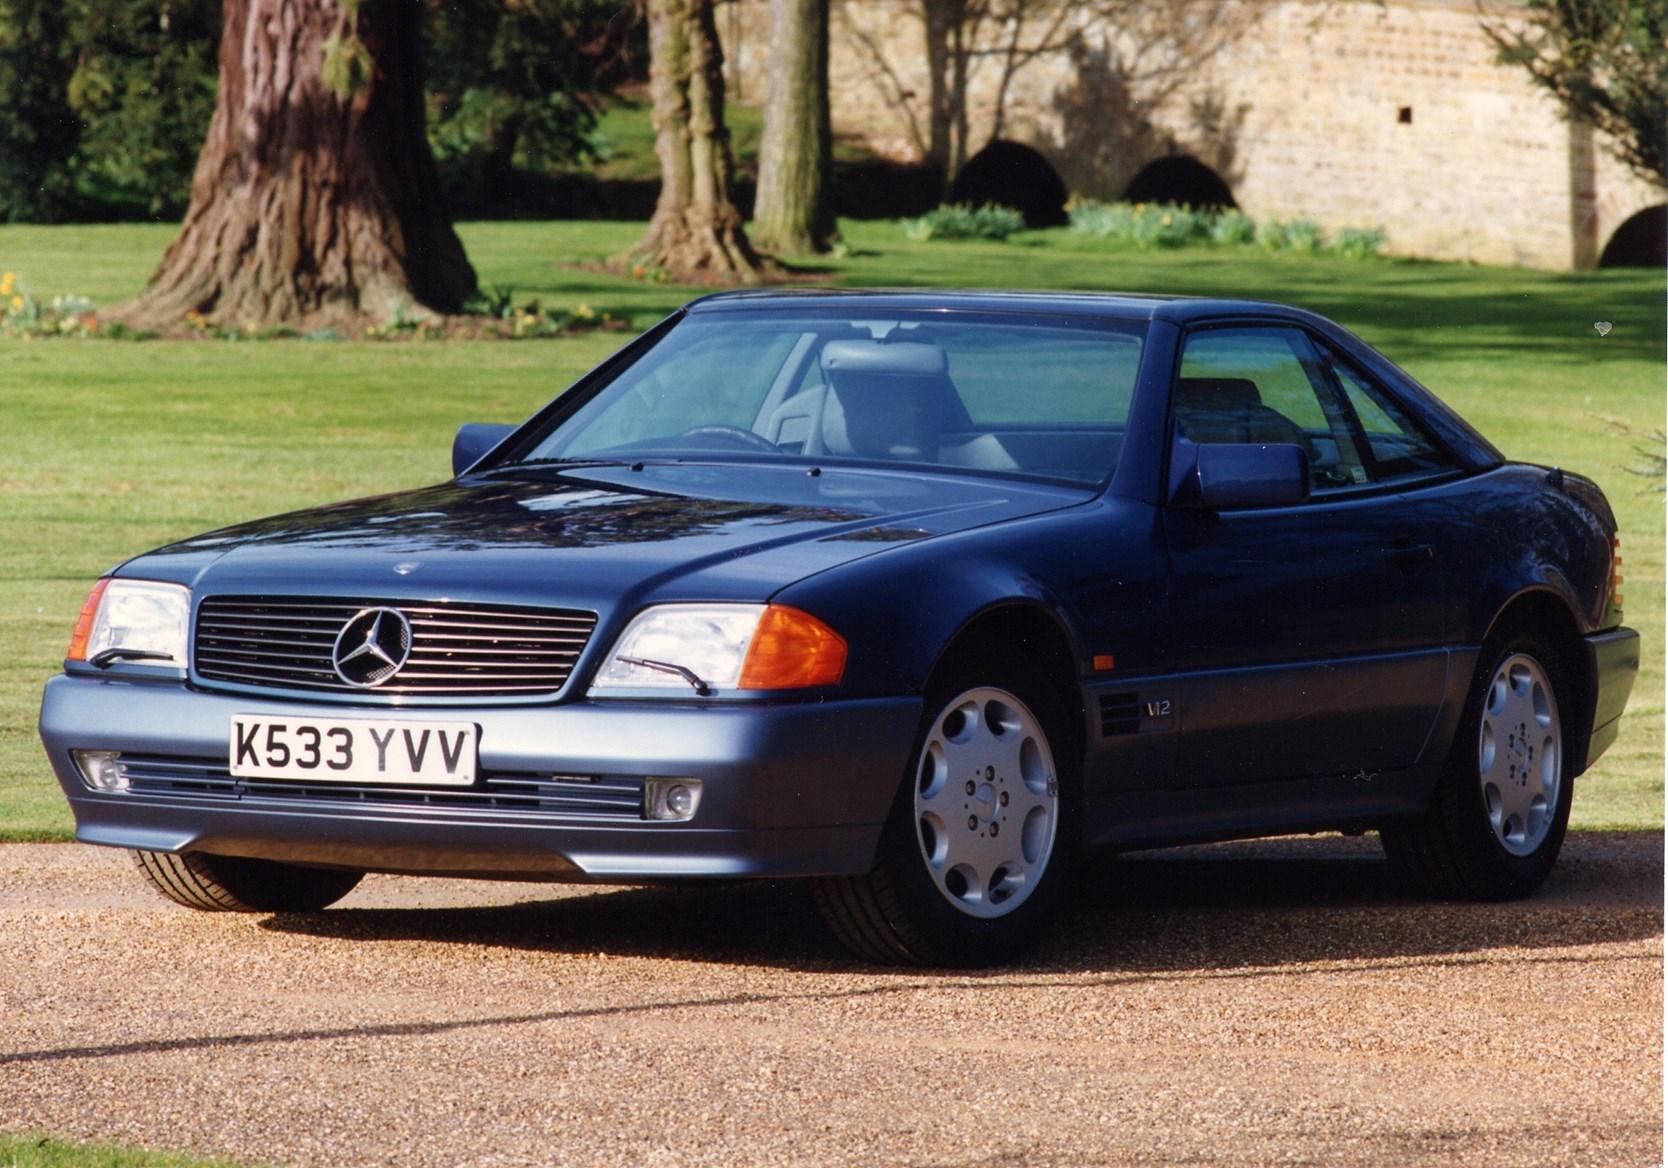 Mercedes benz sl class convertible 1989 2002 photos for 90s mercedes benz